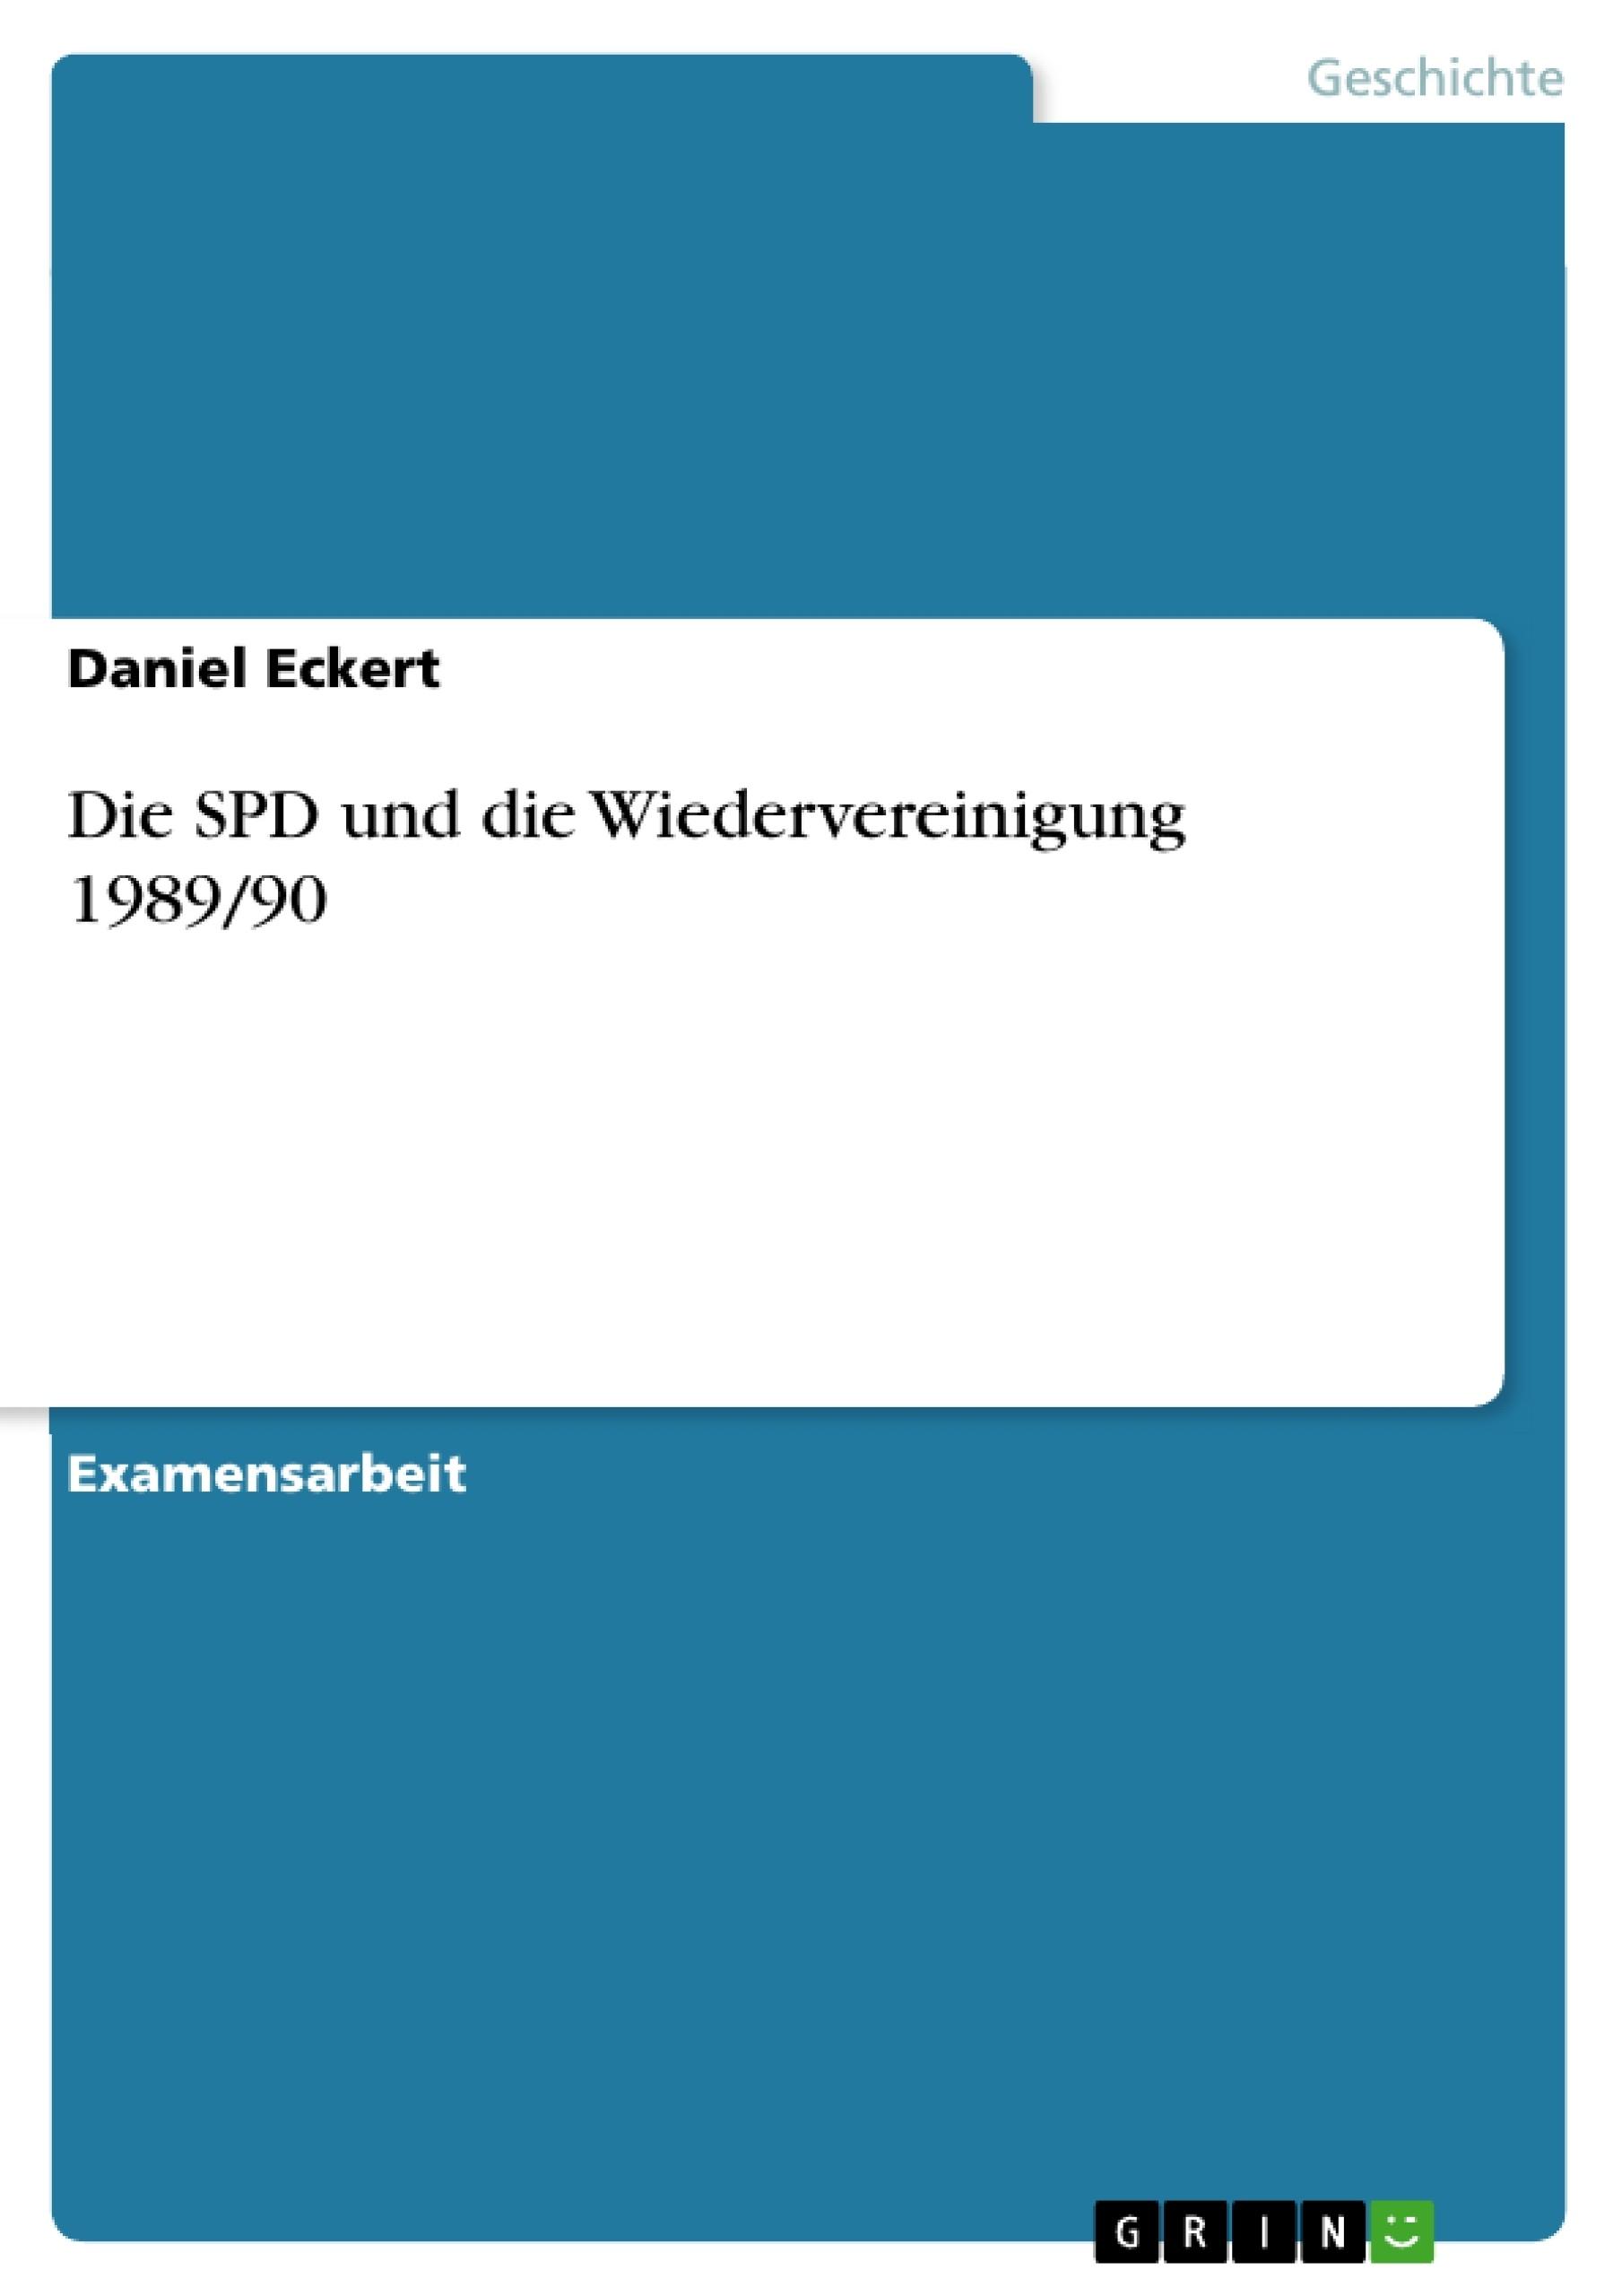 Titel: Die SPD und die Wiedervereinigung 1989/90